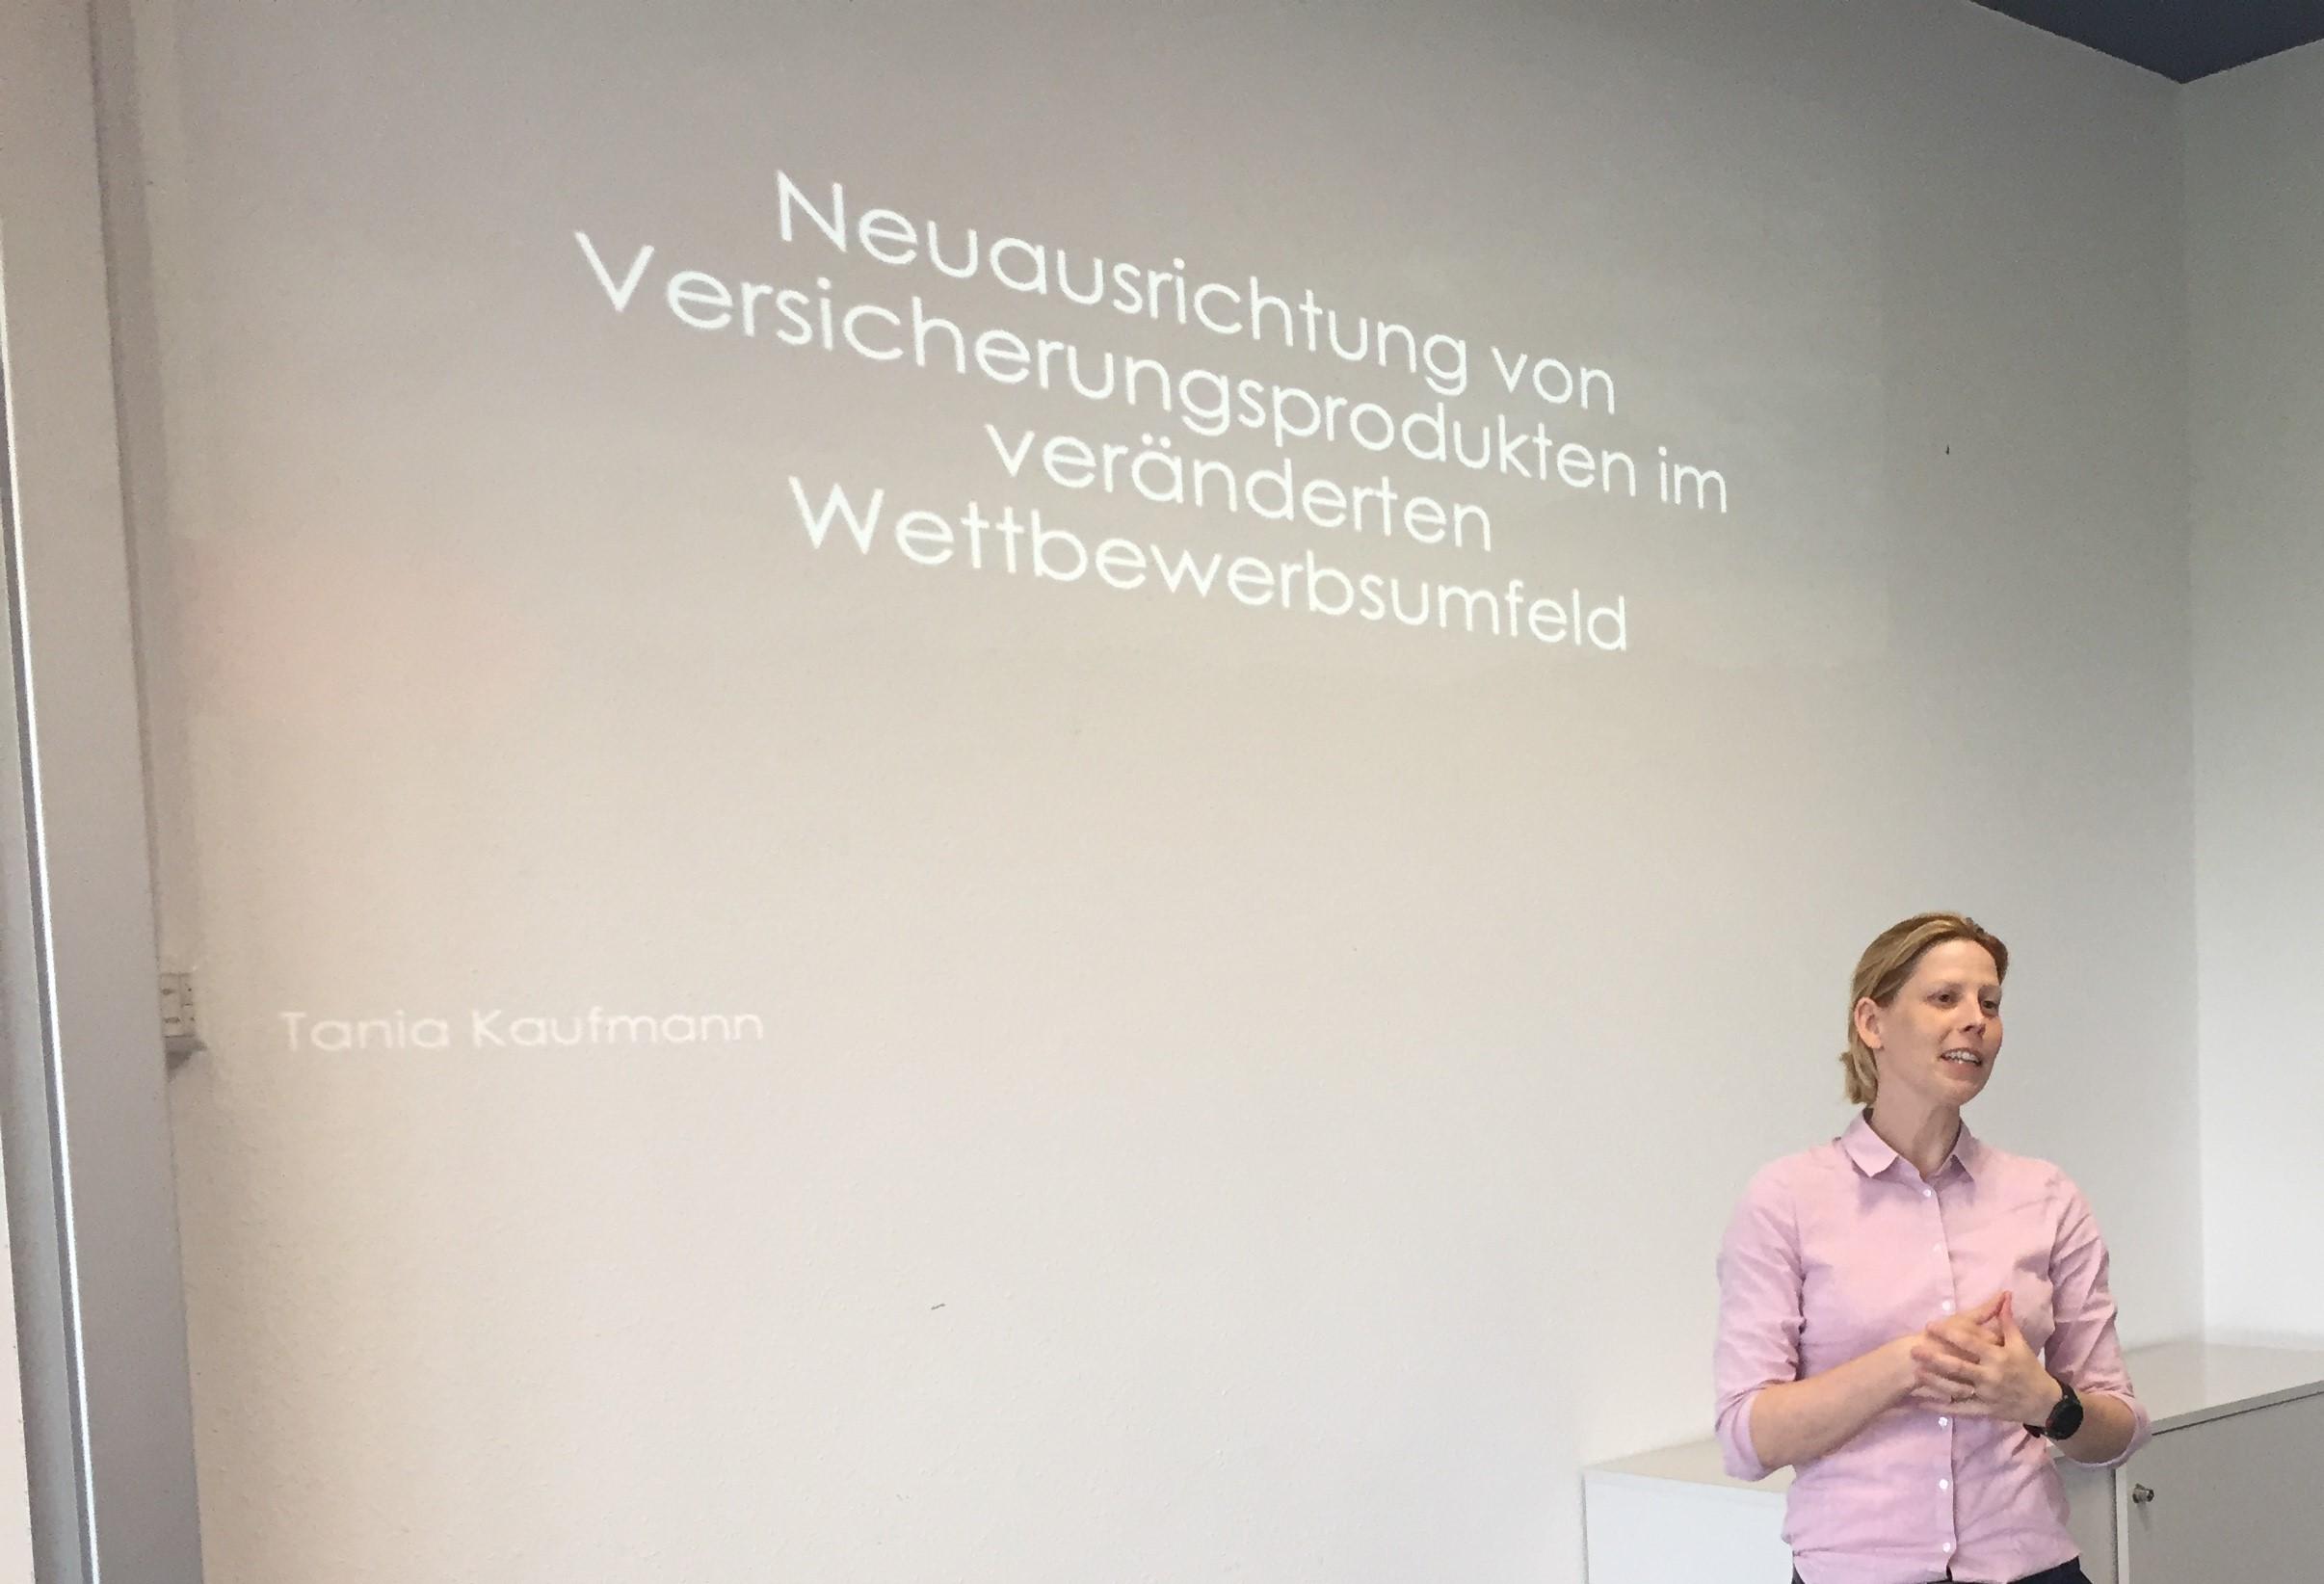 Herausforderungen zur Weiterentwicklung des Geschäftsmodells Versicherungen | FHDW Hannover | Vorlesungstag 8